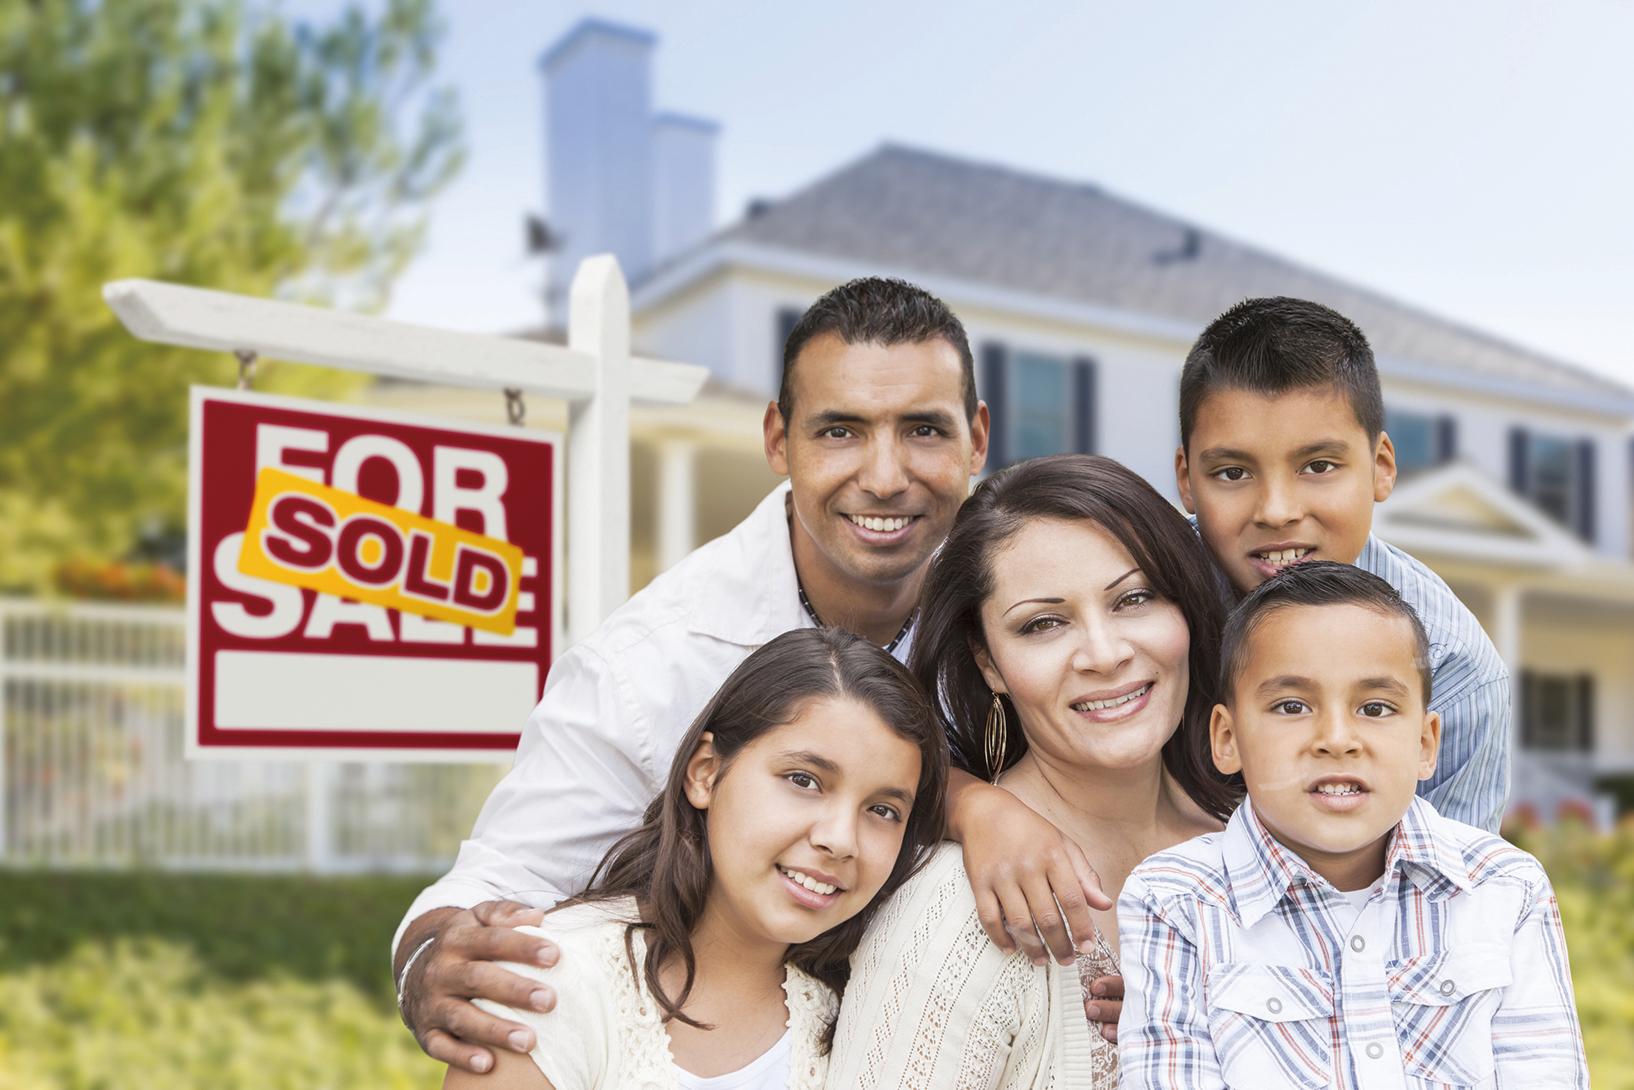 房地產研究公司Trulia的最新數據顯示,美國4月份出售住宅,即買賣雙方最終簽訂合同,所需平均天數為64天。(fotolia)